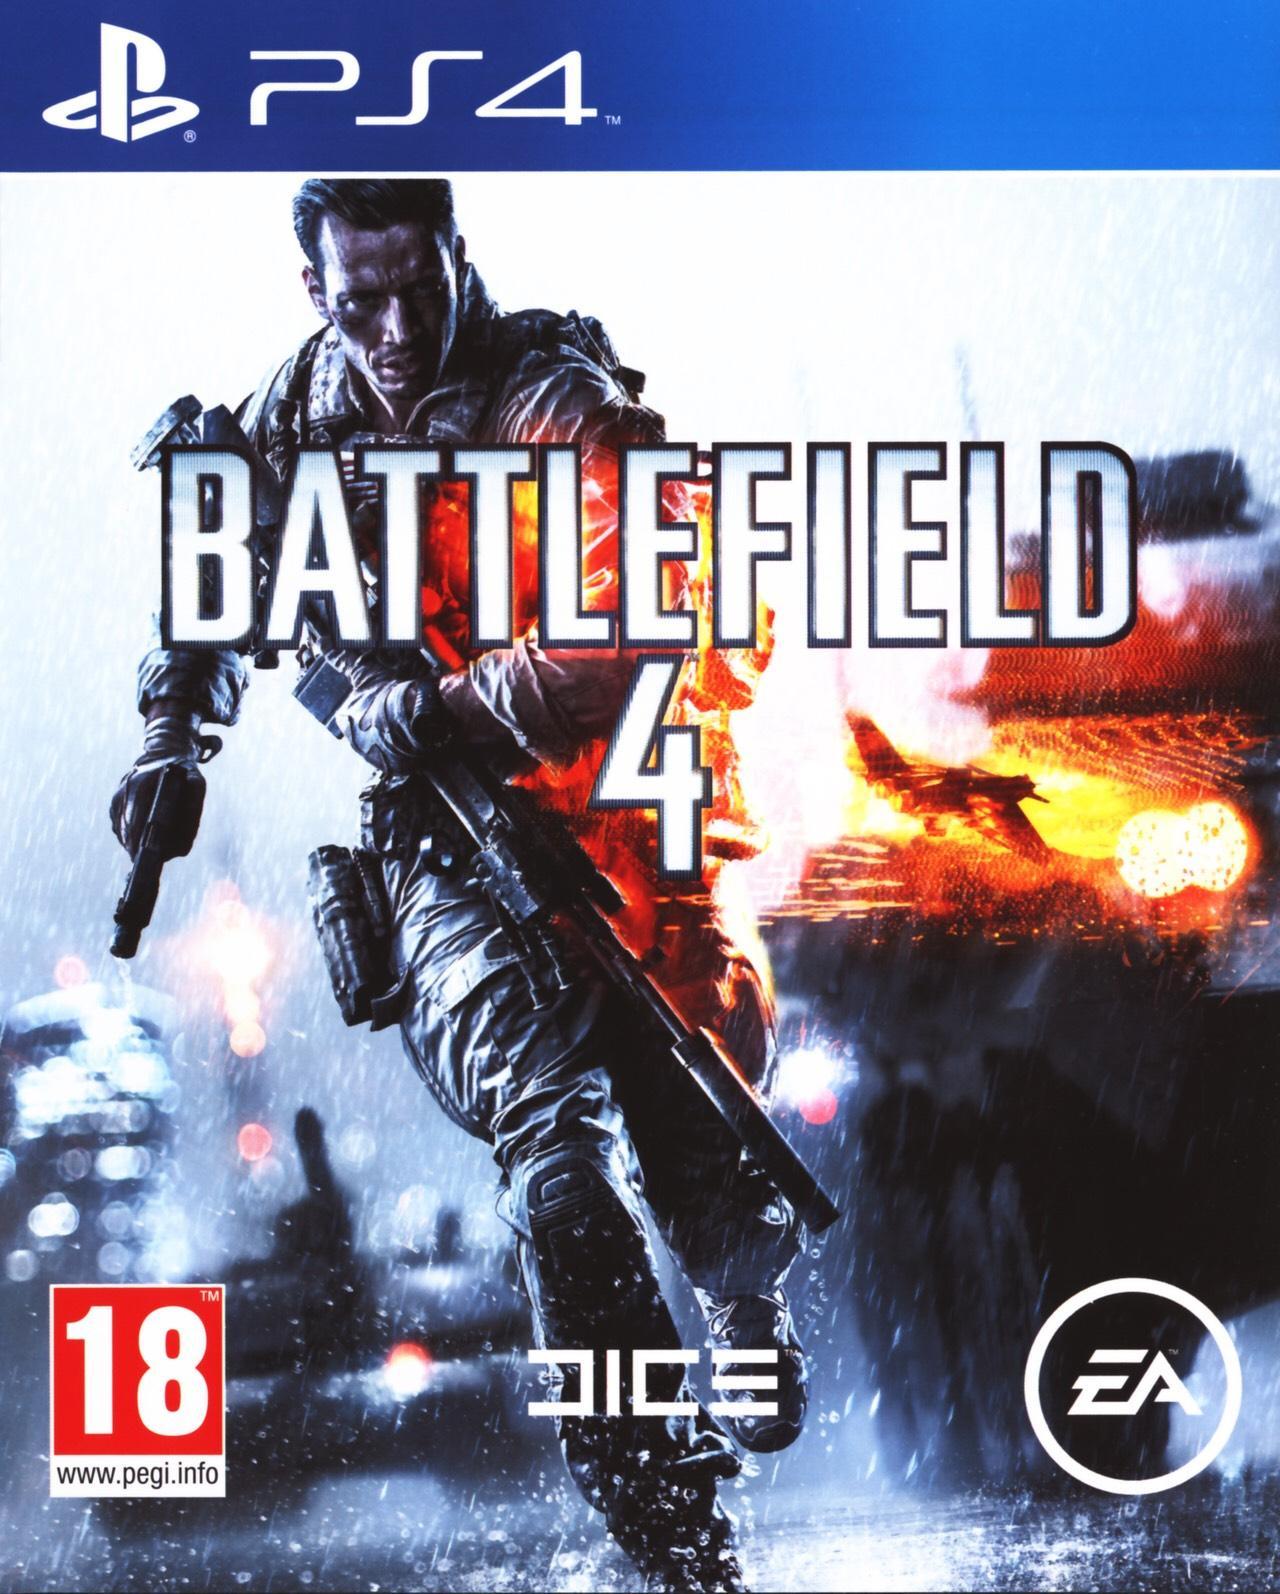 Jusqu'à 60% de réduction sur les jeux et DLC EA - Ex: Battlefield 4